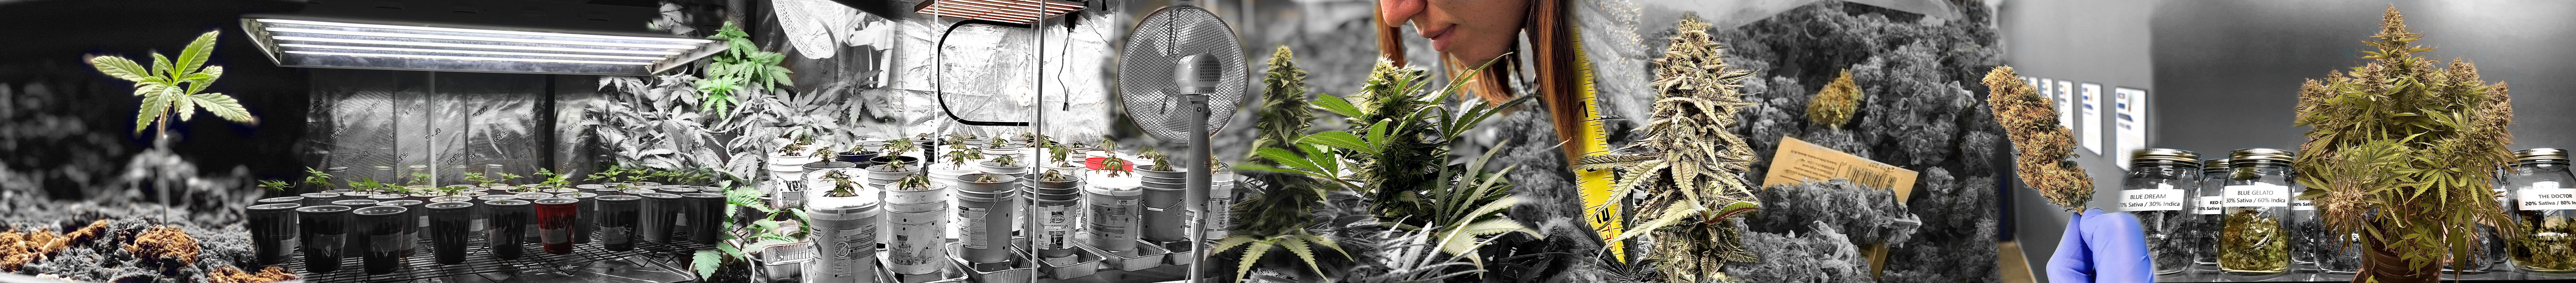 marijuana life cycle